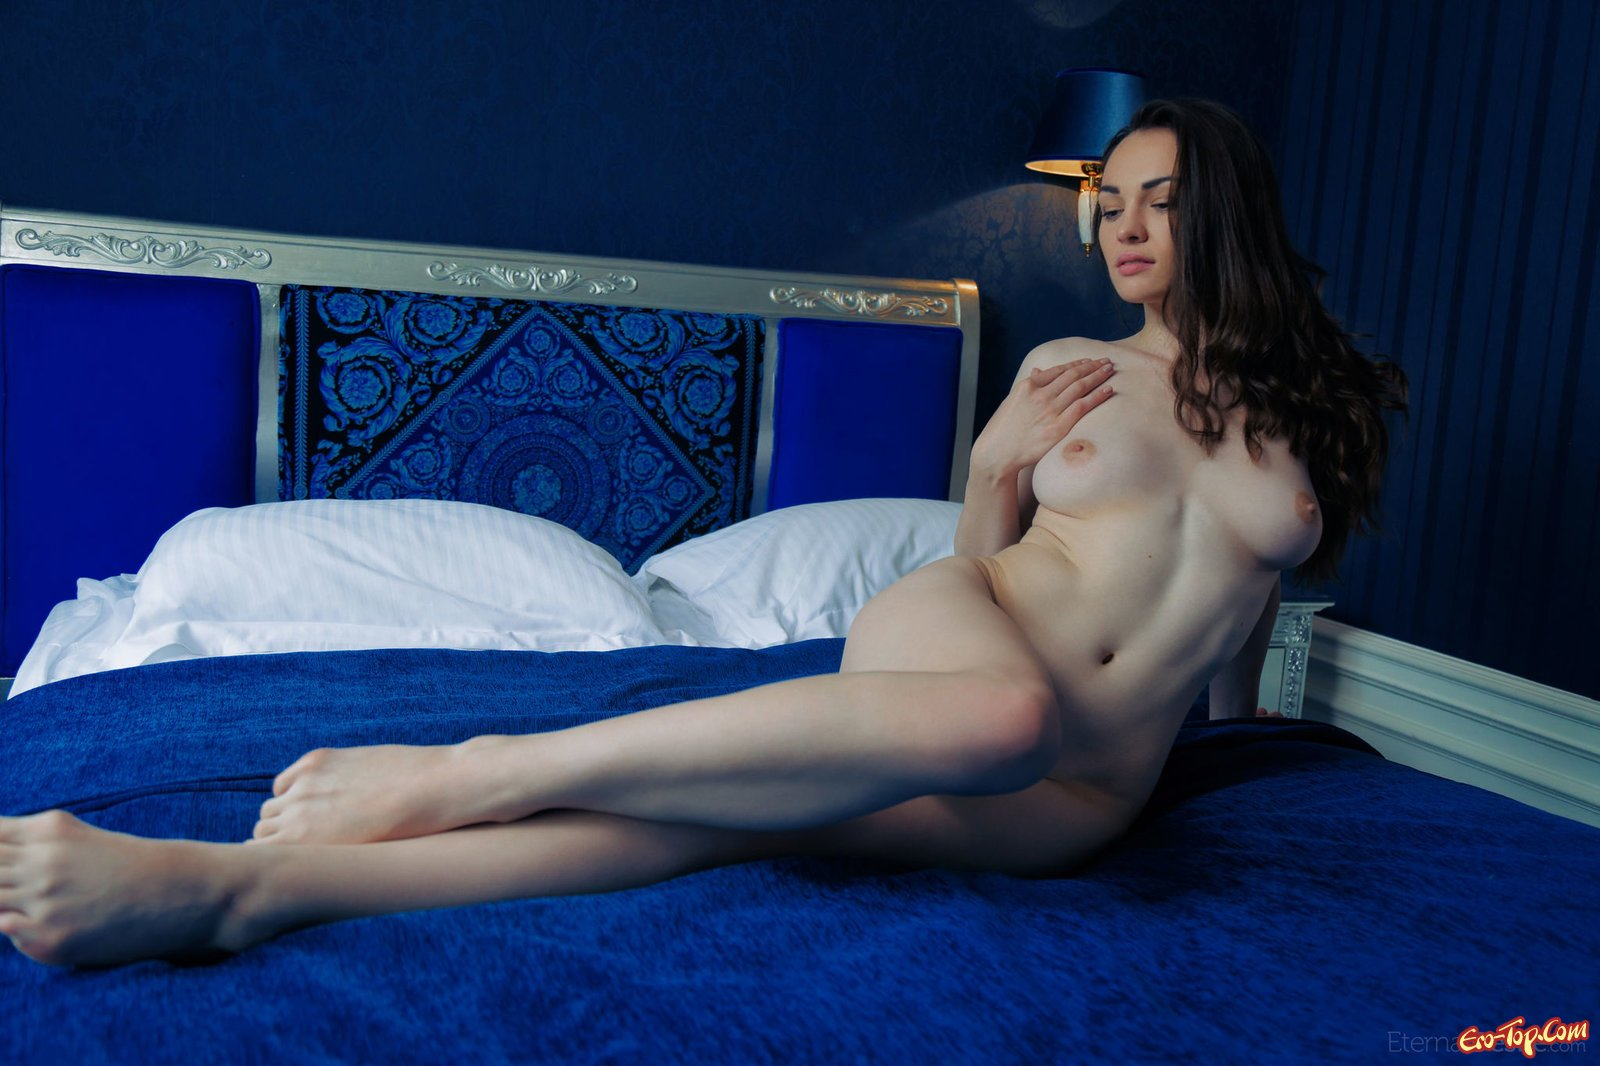 Симпатяга в красивом белье оголяется в кровати